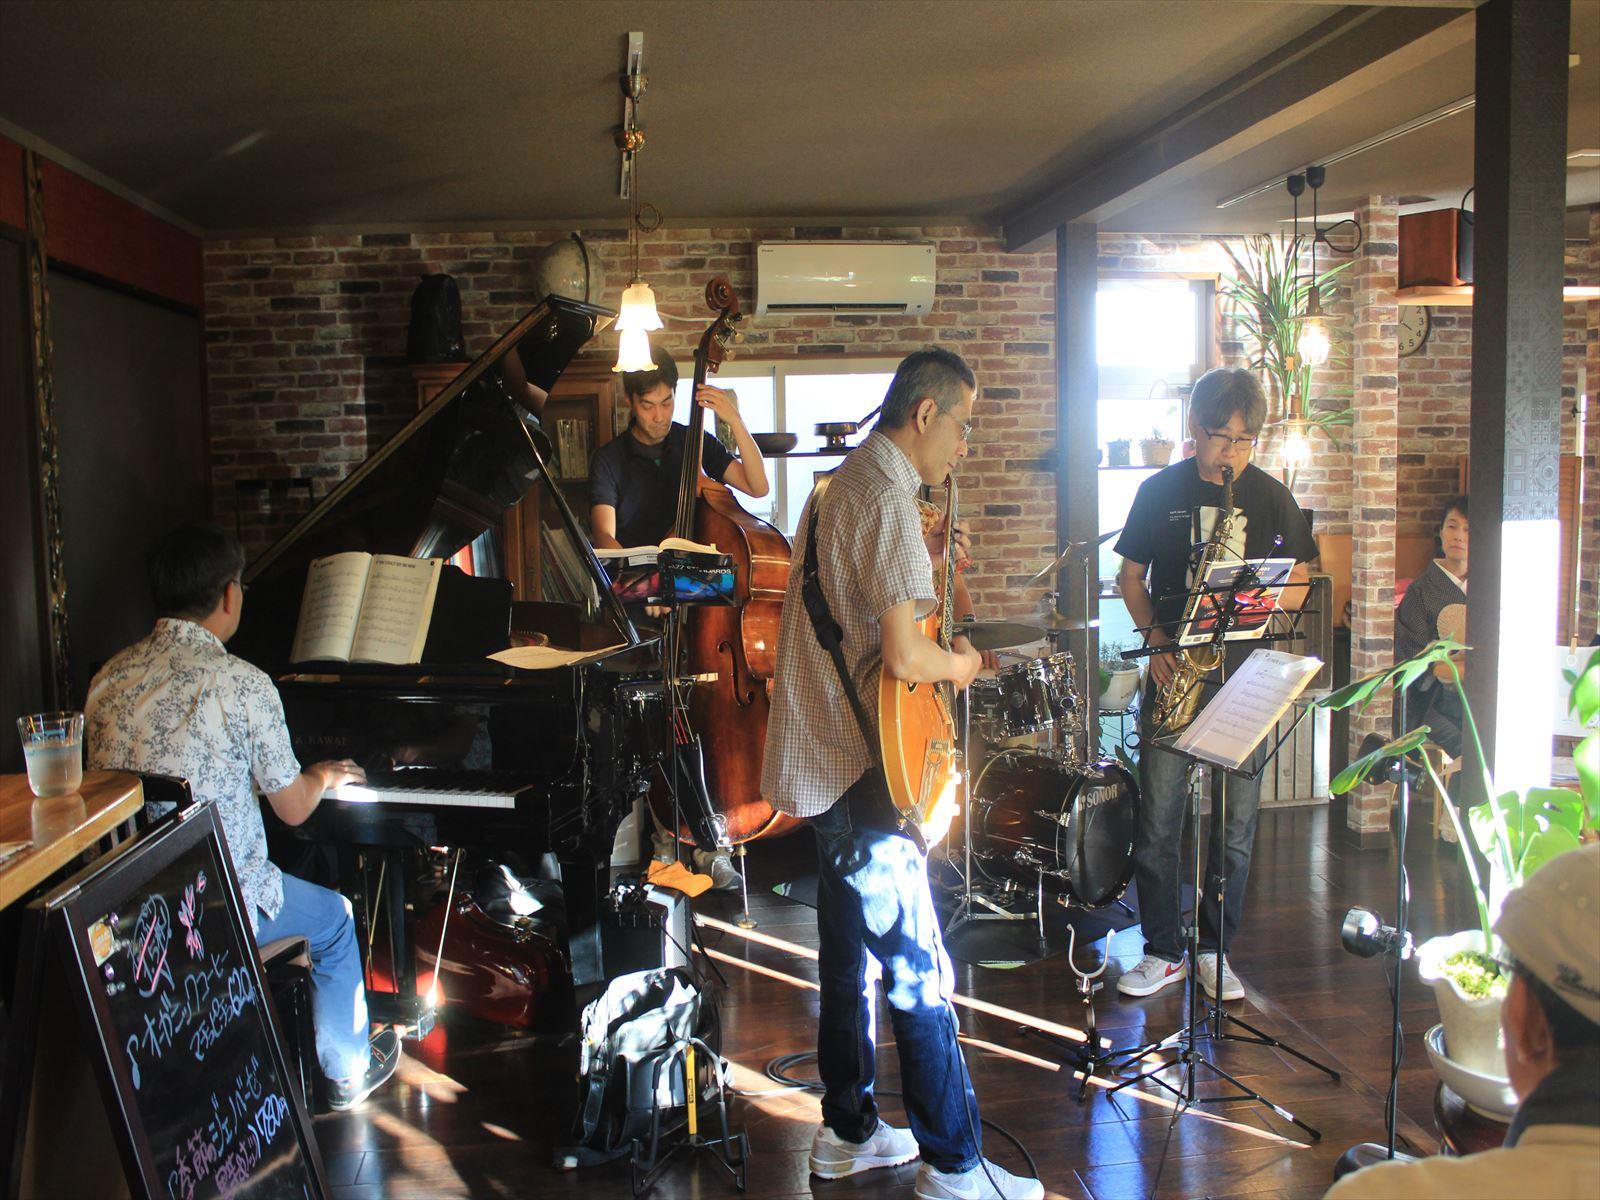 平岡の喫茶店でジャズの生演奏=カフェ「ルコラ」